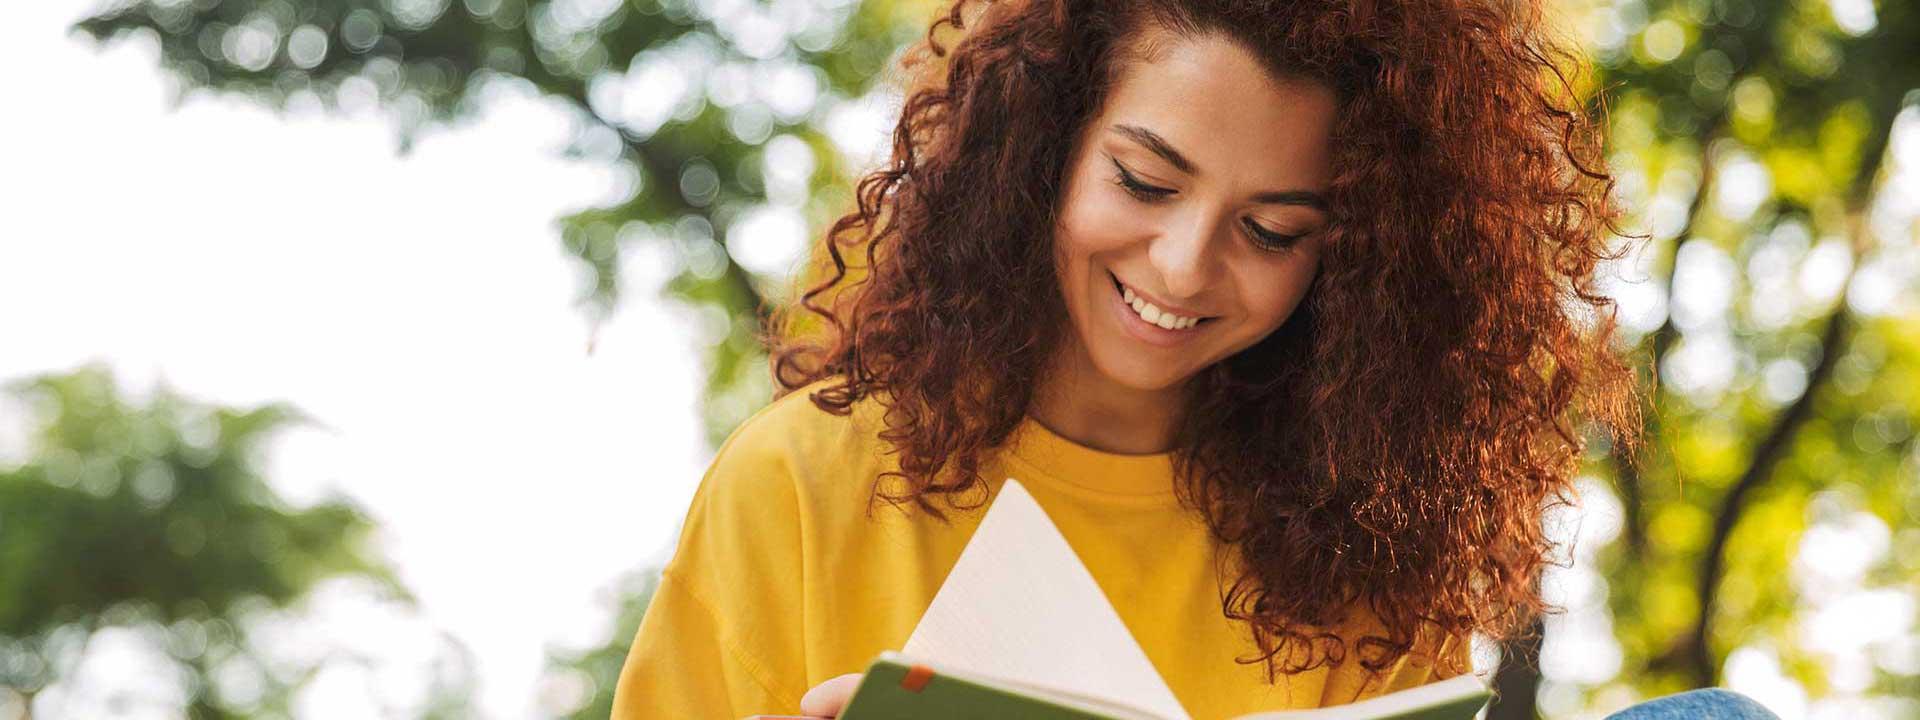 Jeune femme qui lit un livre à l'extérieur